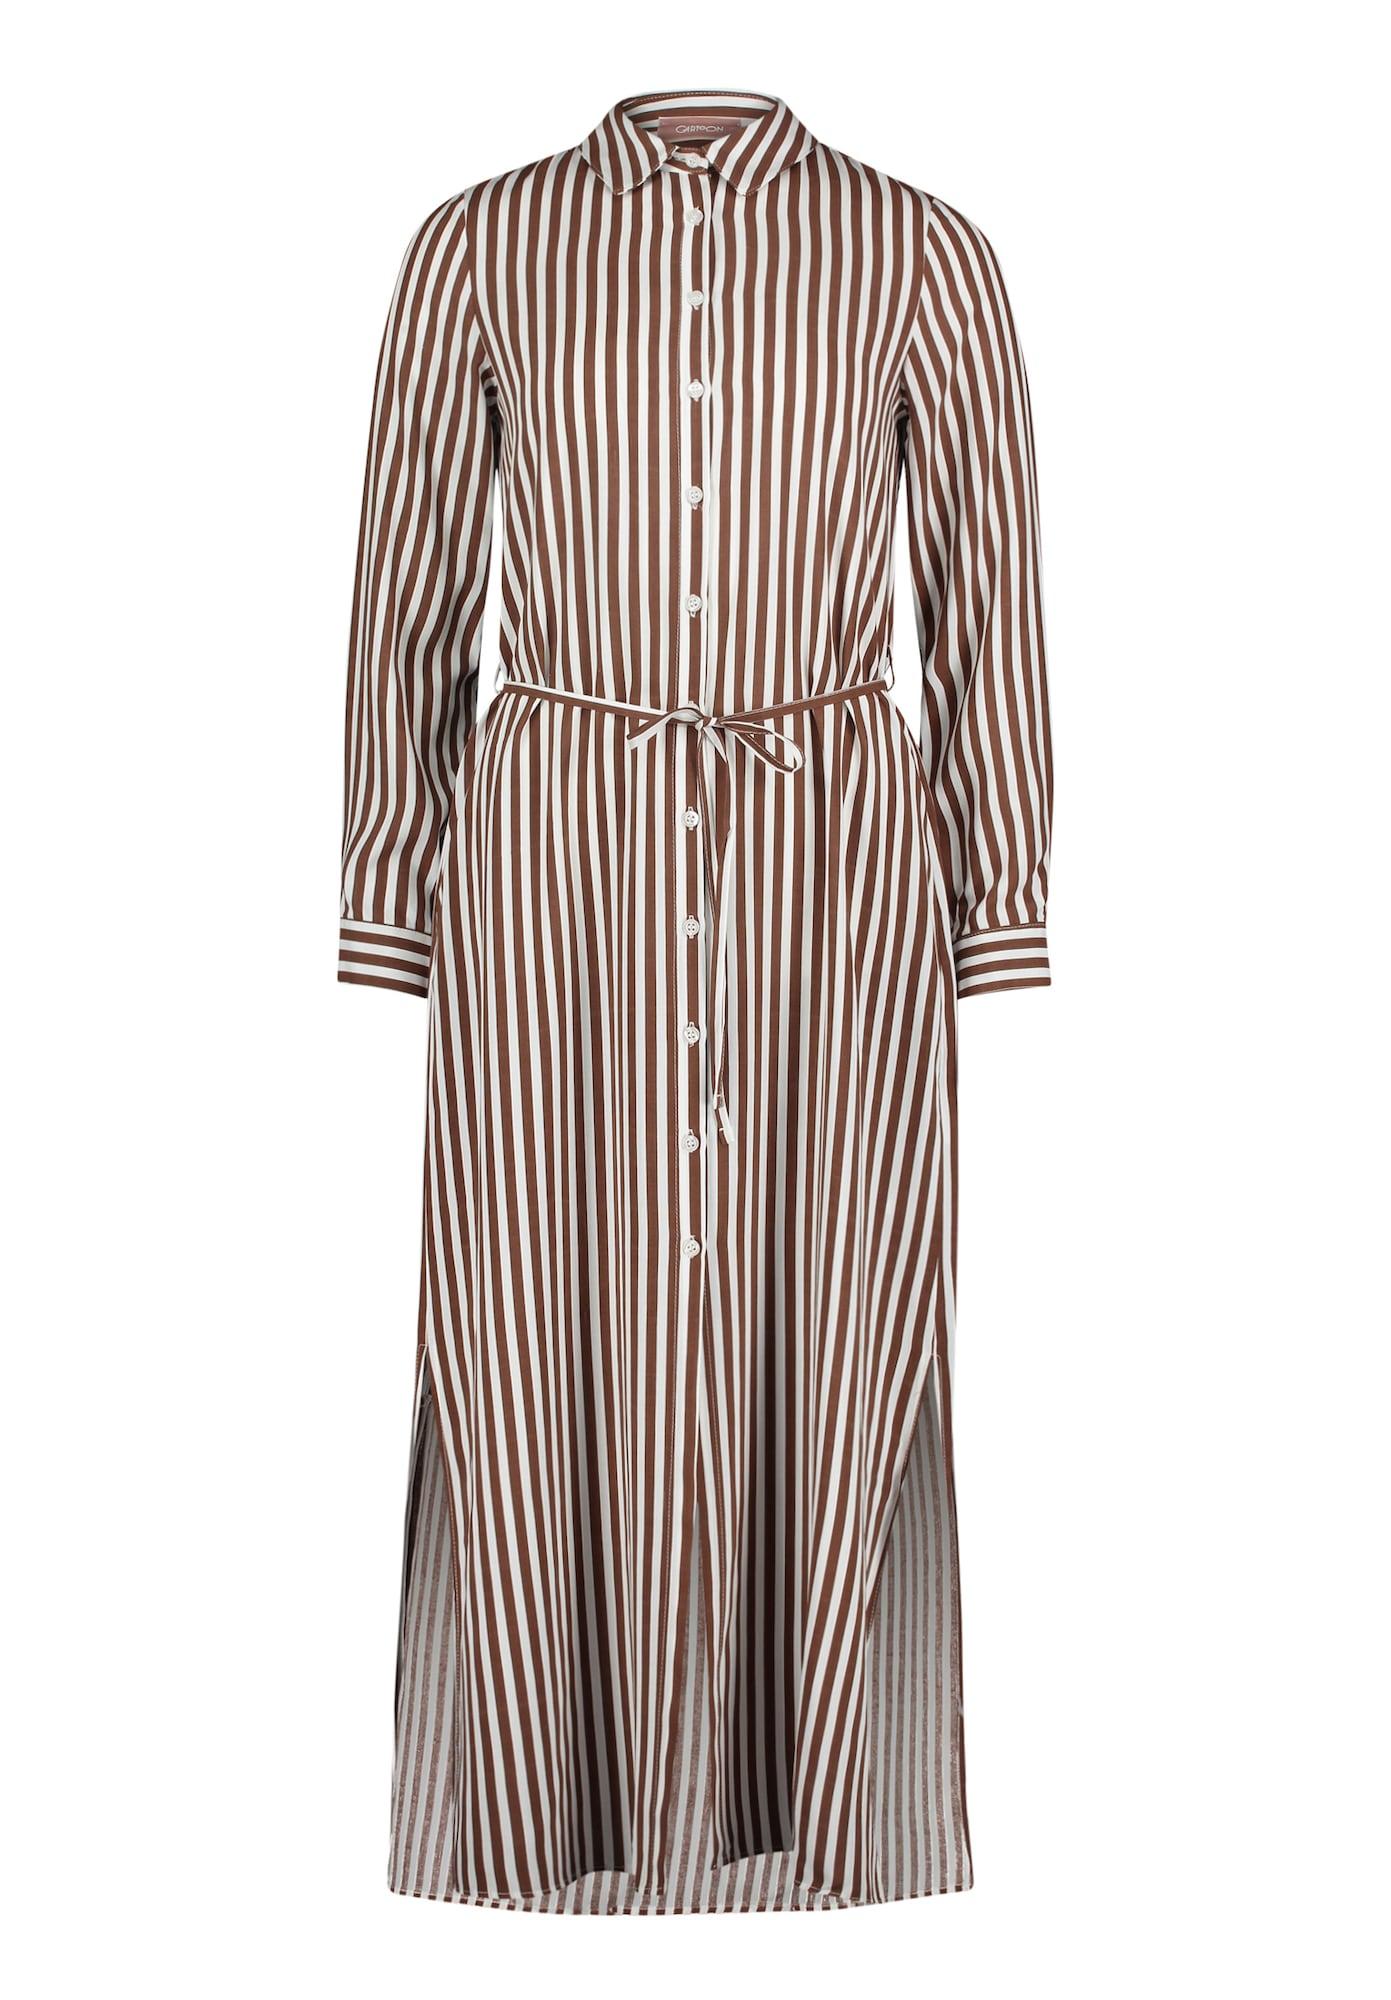 Cartoon Palaidinės tipo suknelė balta / ruda